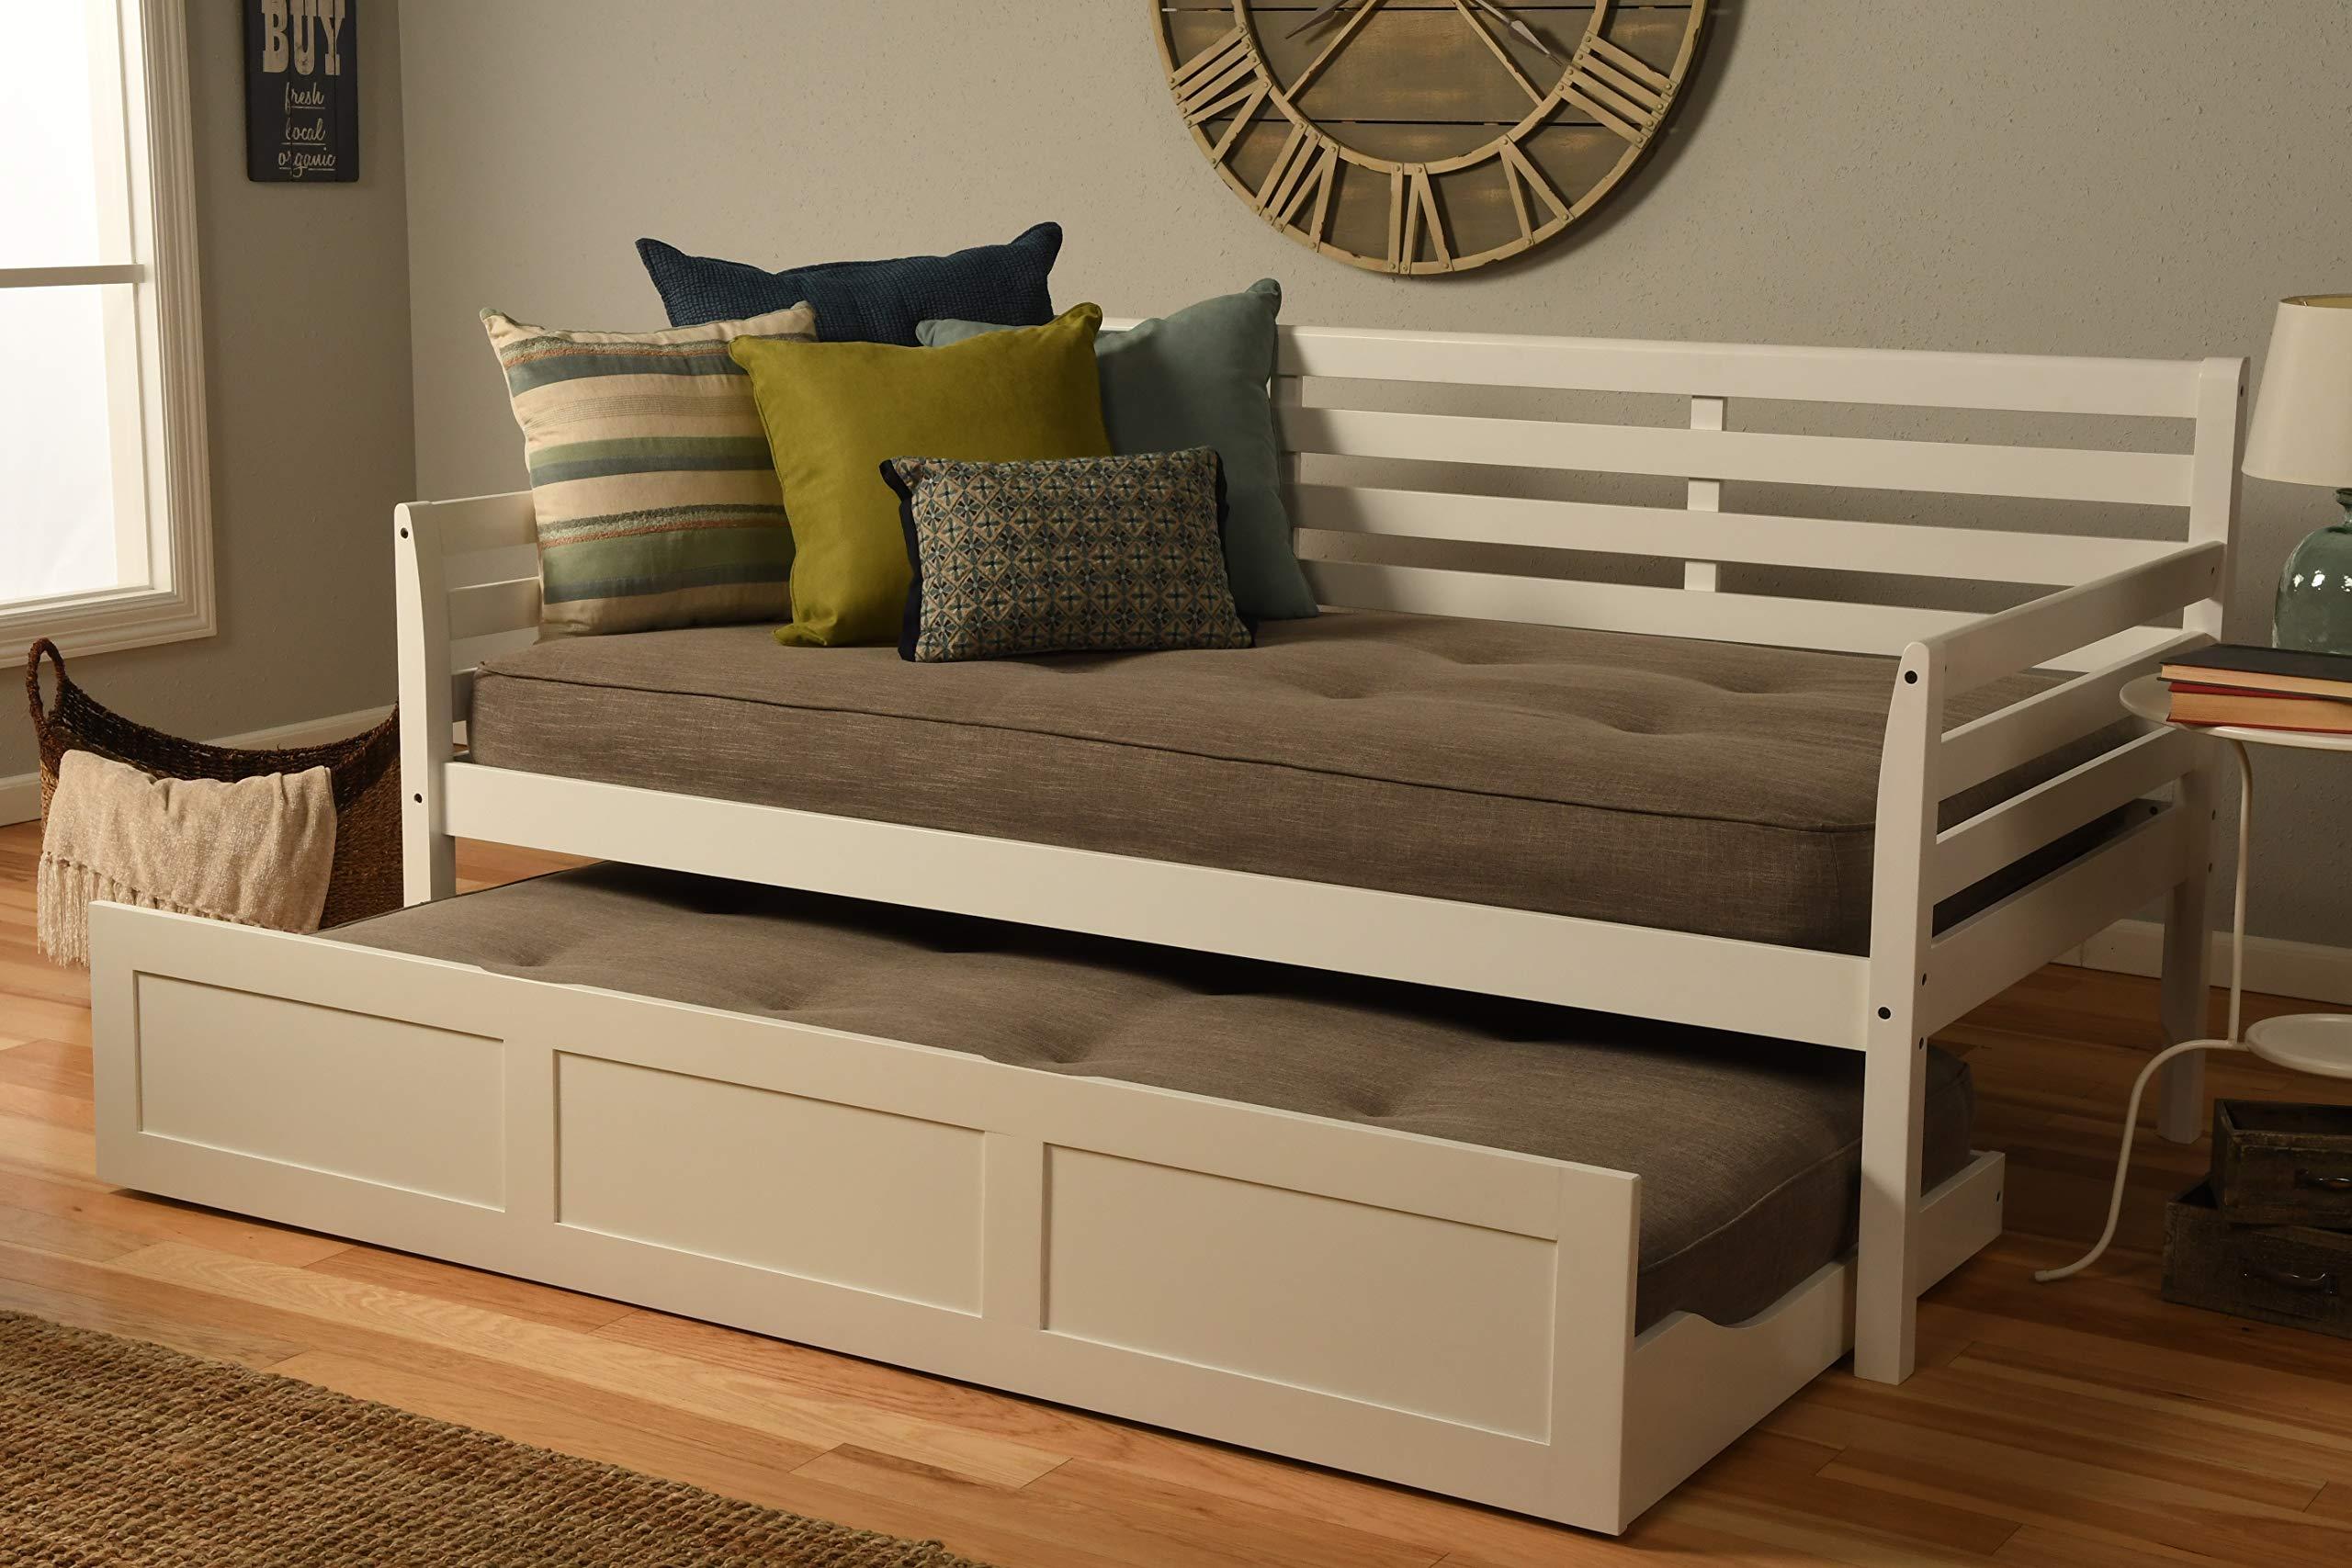 Kodiak Furniture Boho Daybed with Trundle, Twin, White Finish